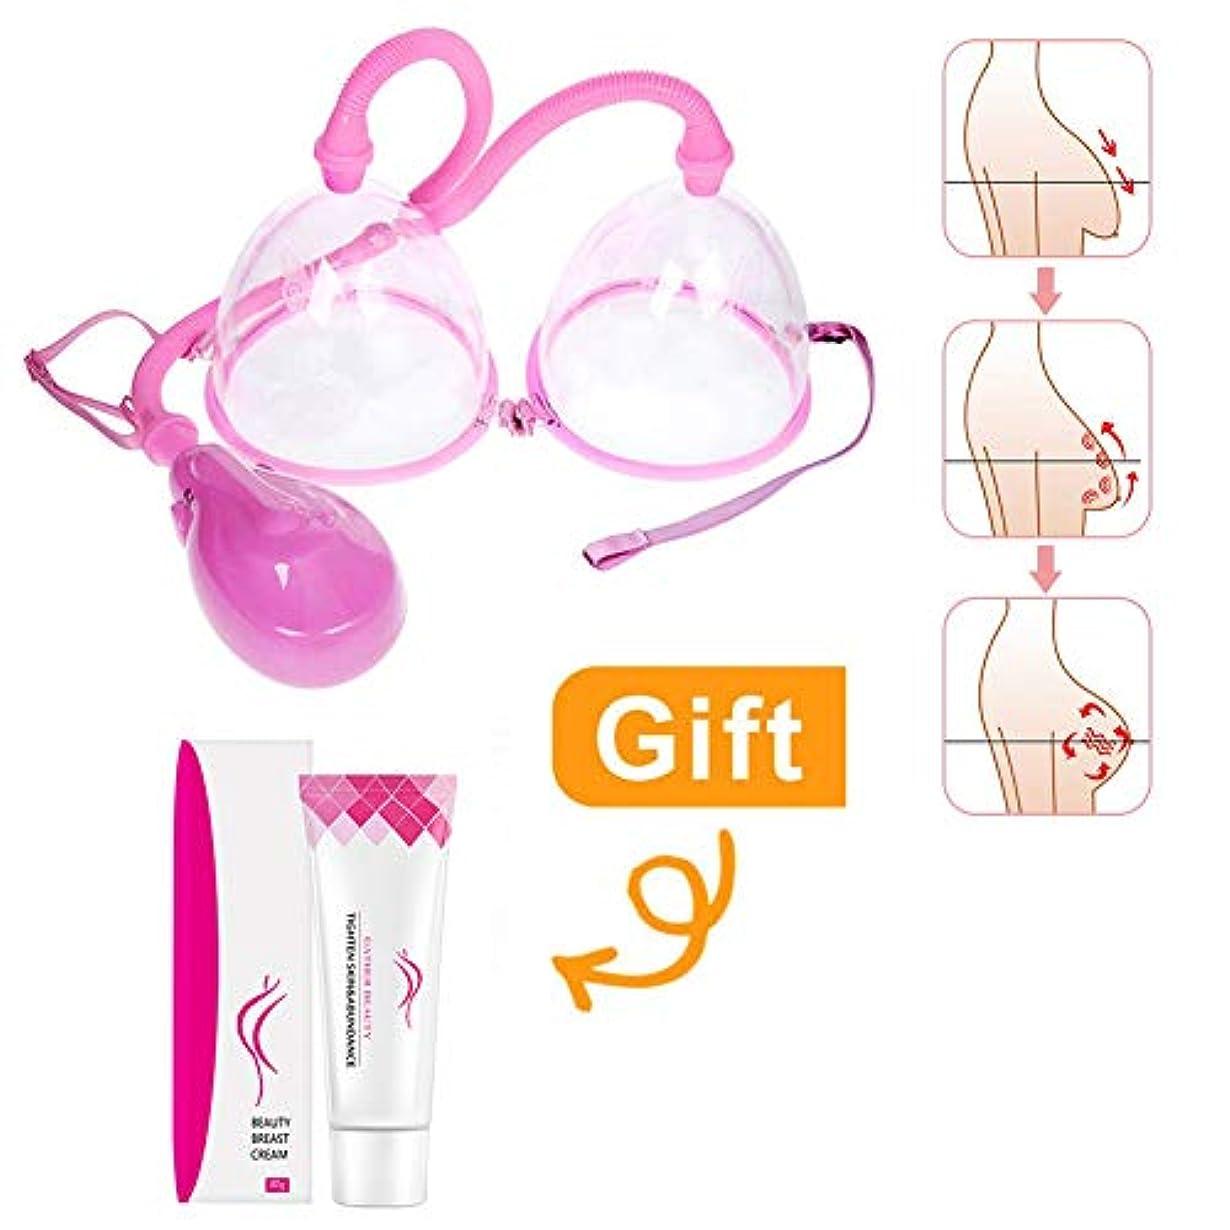 上回る作曲する敷居電気胸部マッサージ器は乳房増強器具胸の拡大クリームを持つ女性のための拡大女性胸カップ,L